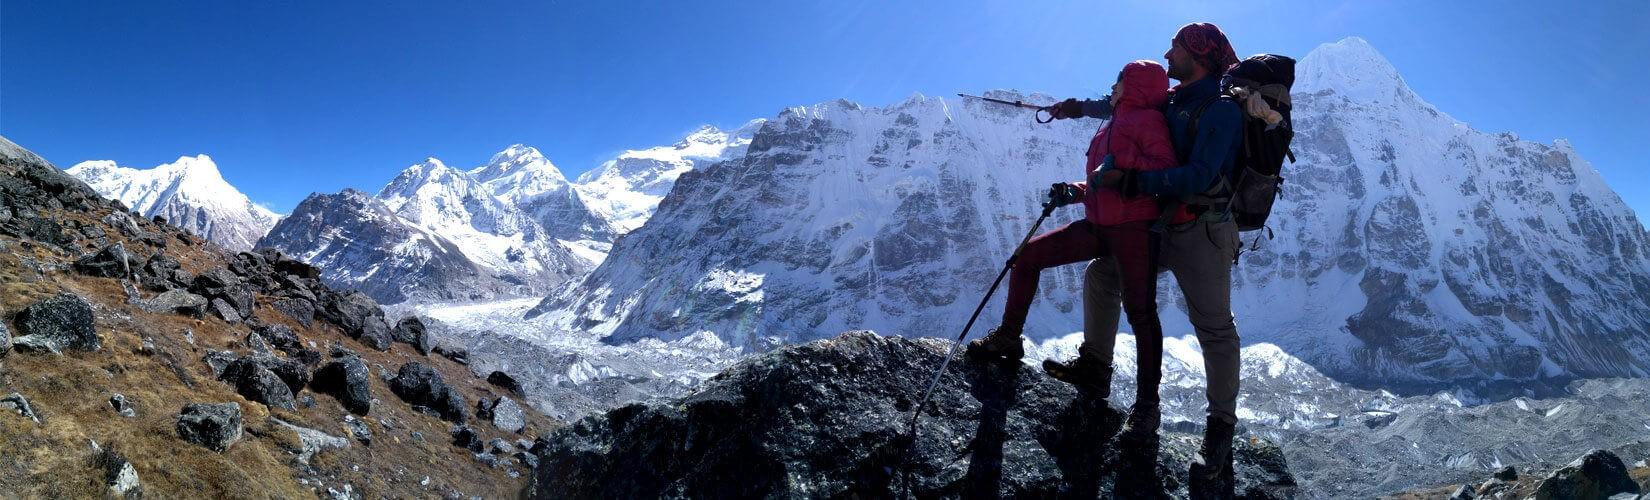 Kanchenjunga-trek-itinerary